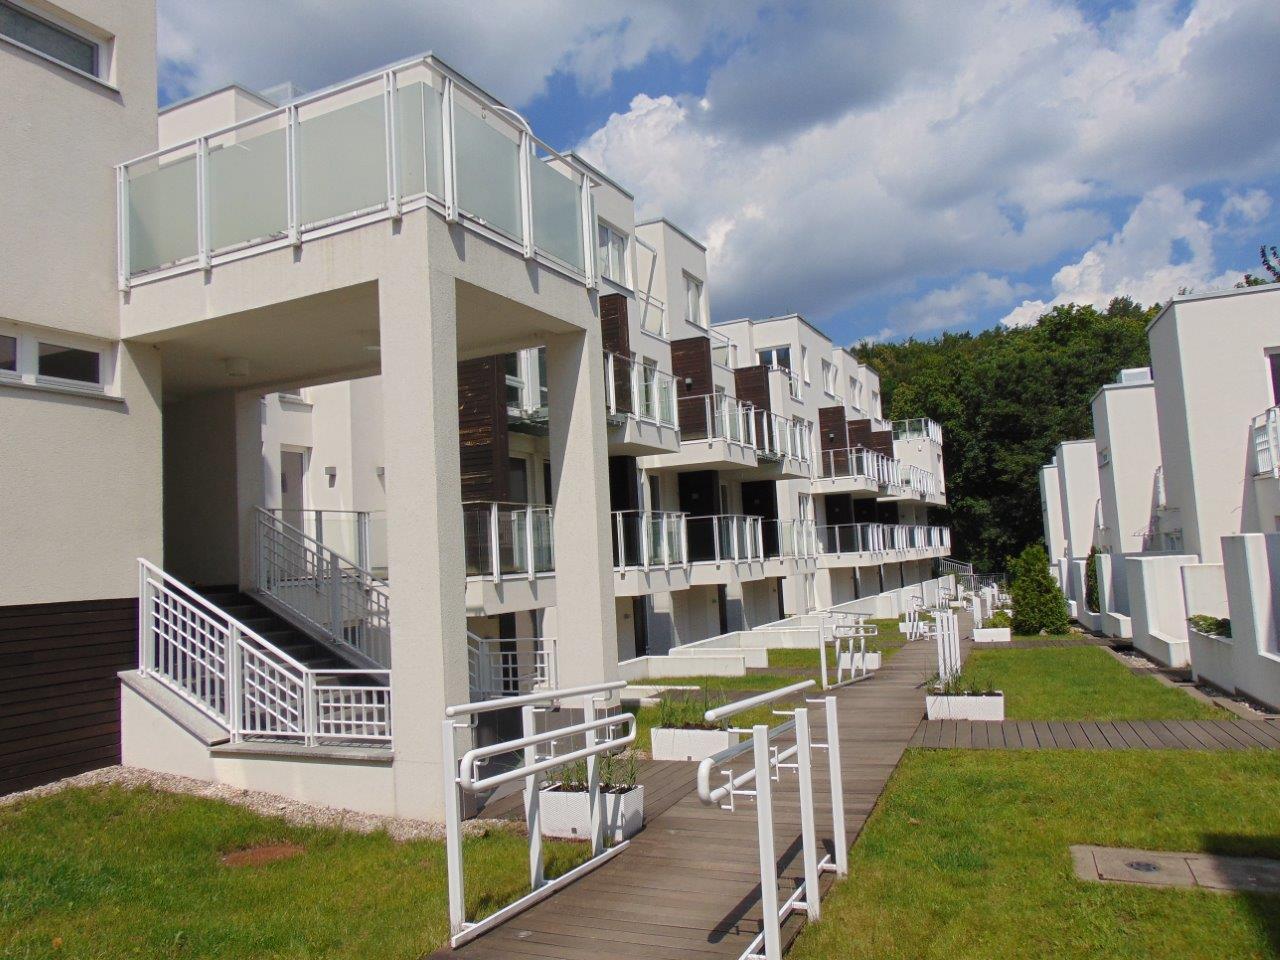 21 Apartamentów Na Orłowskiej Riwierze Sprzedanych W 12 Dni